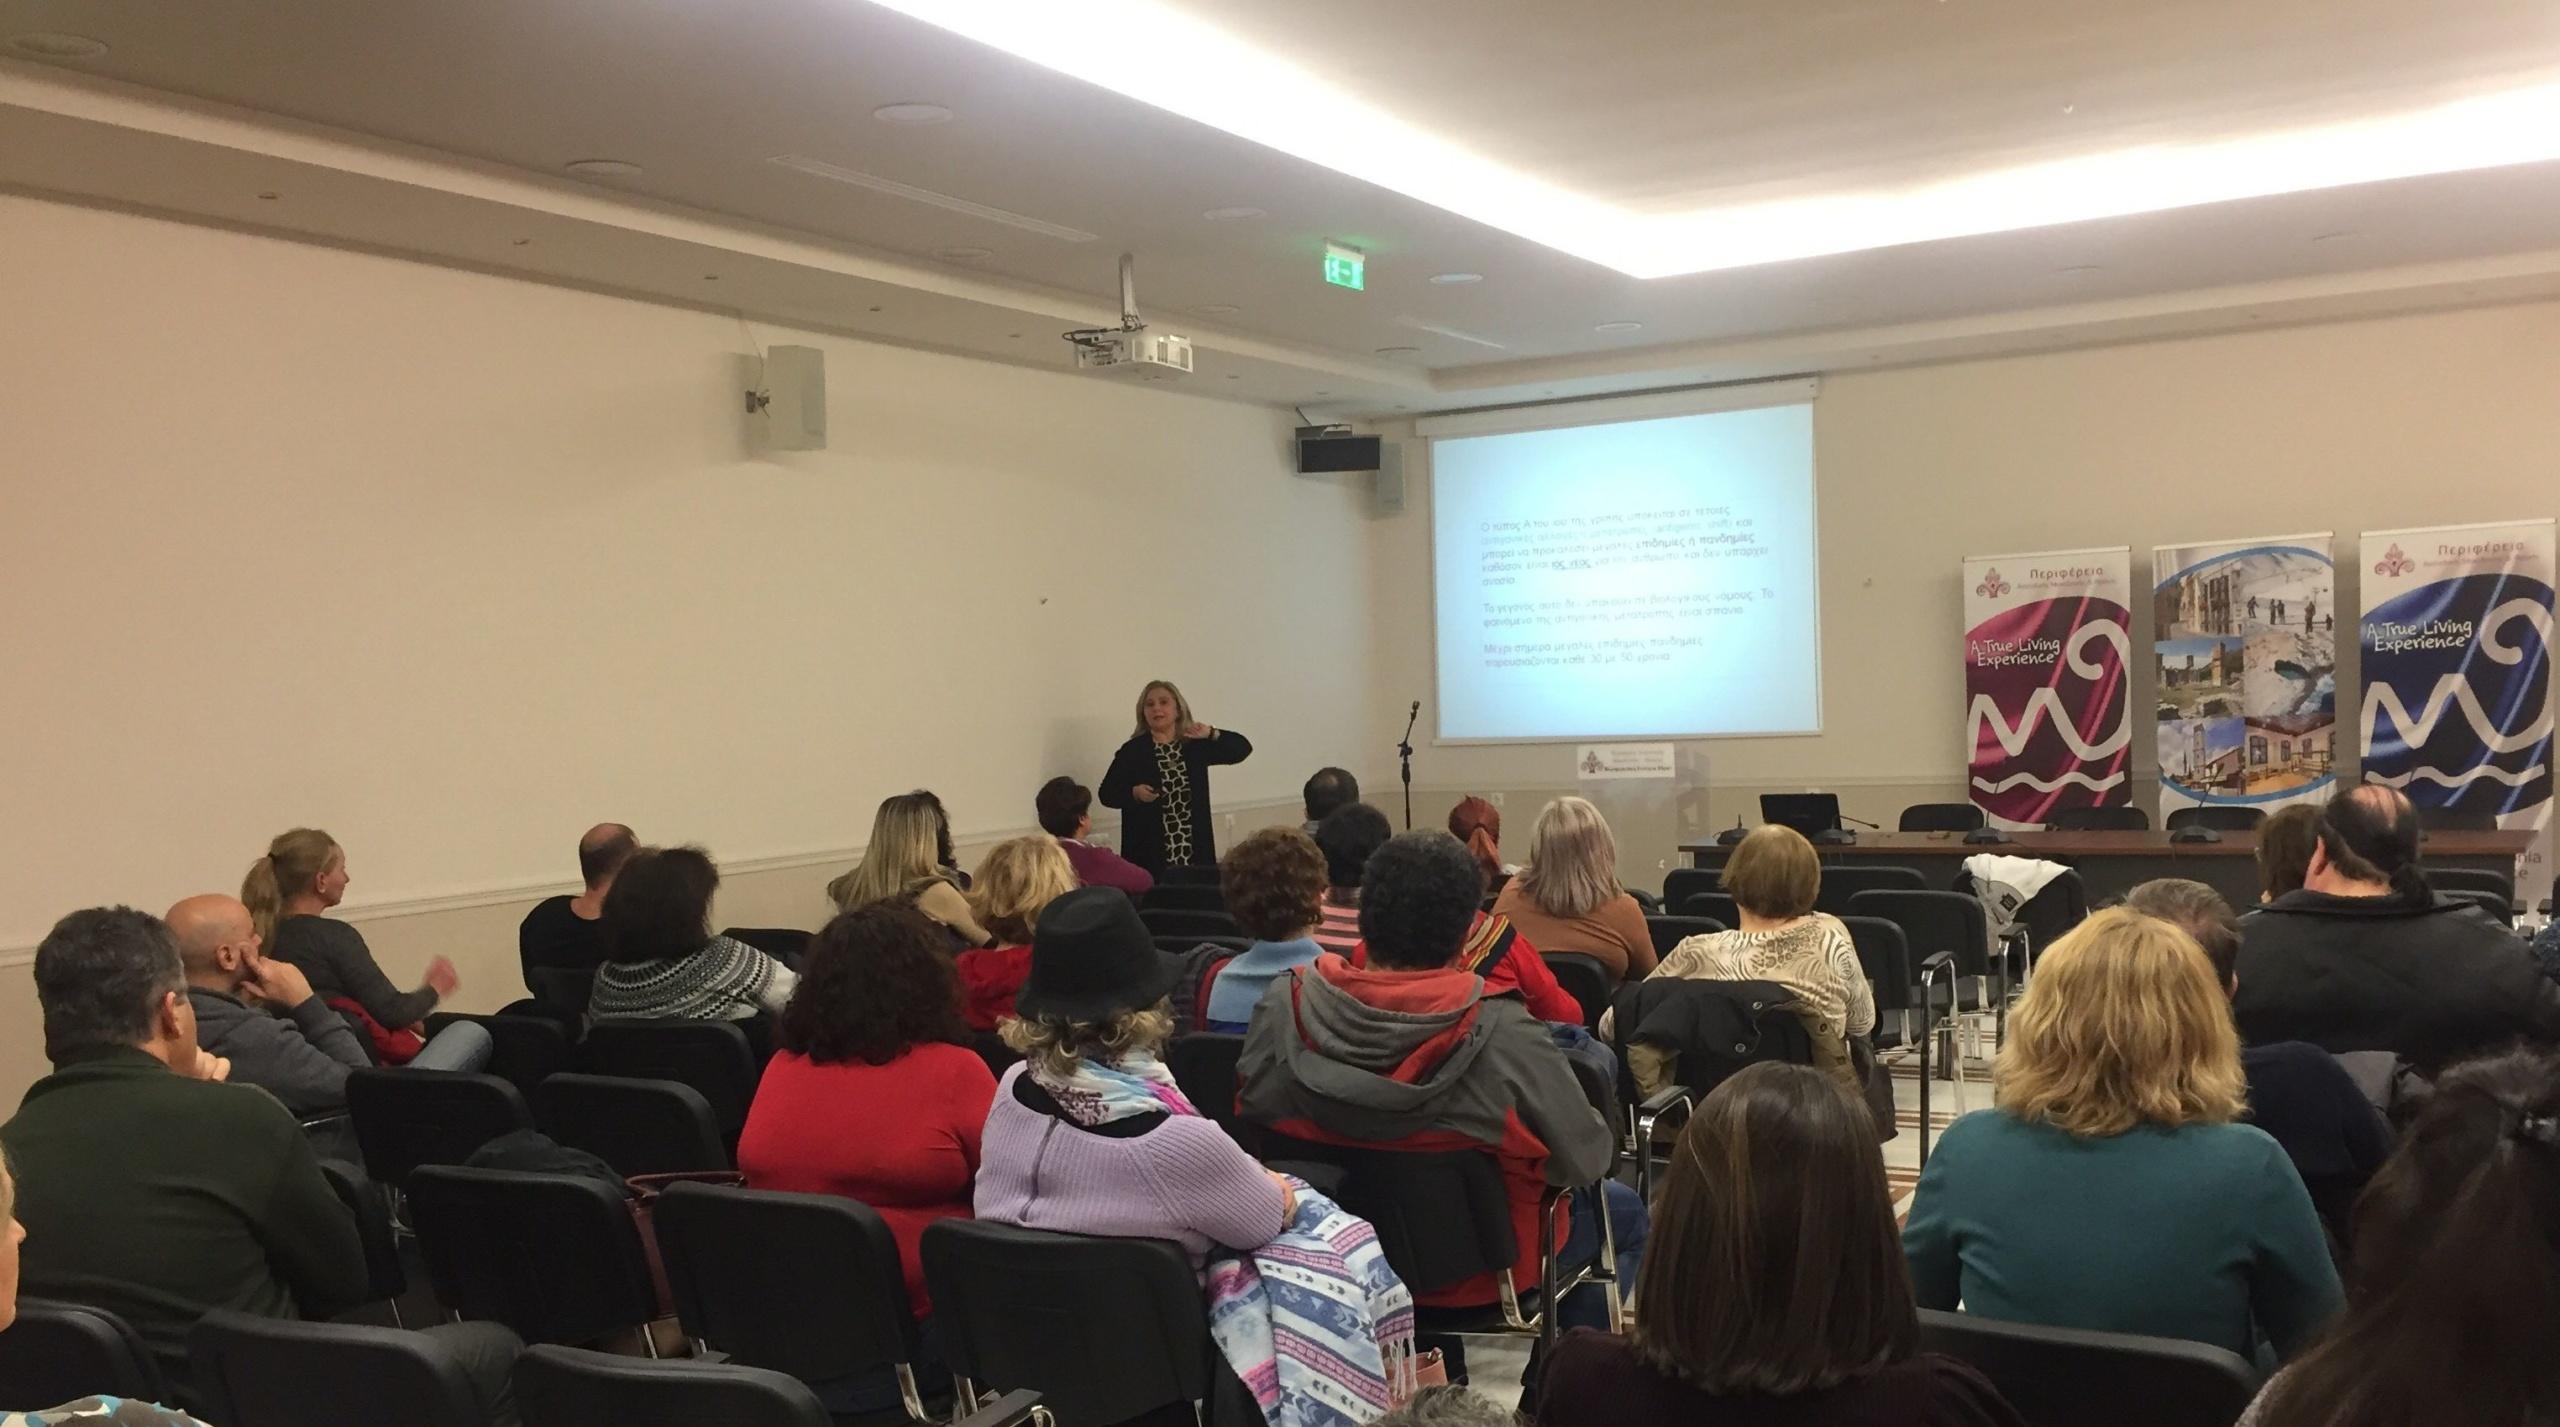 Οι διαλέξεις στην ΑΚΑΔΗΜΙΑ Δια Βίου Μάθησης ΑΜΘ στις 26 Φεβρουαρίου